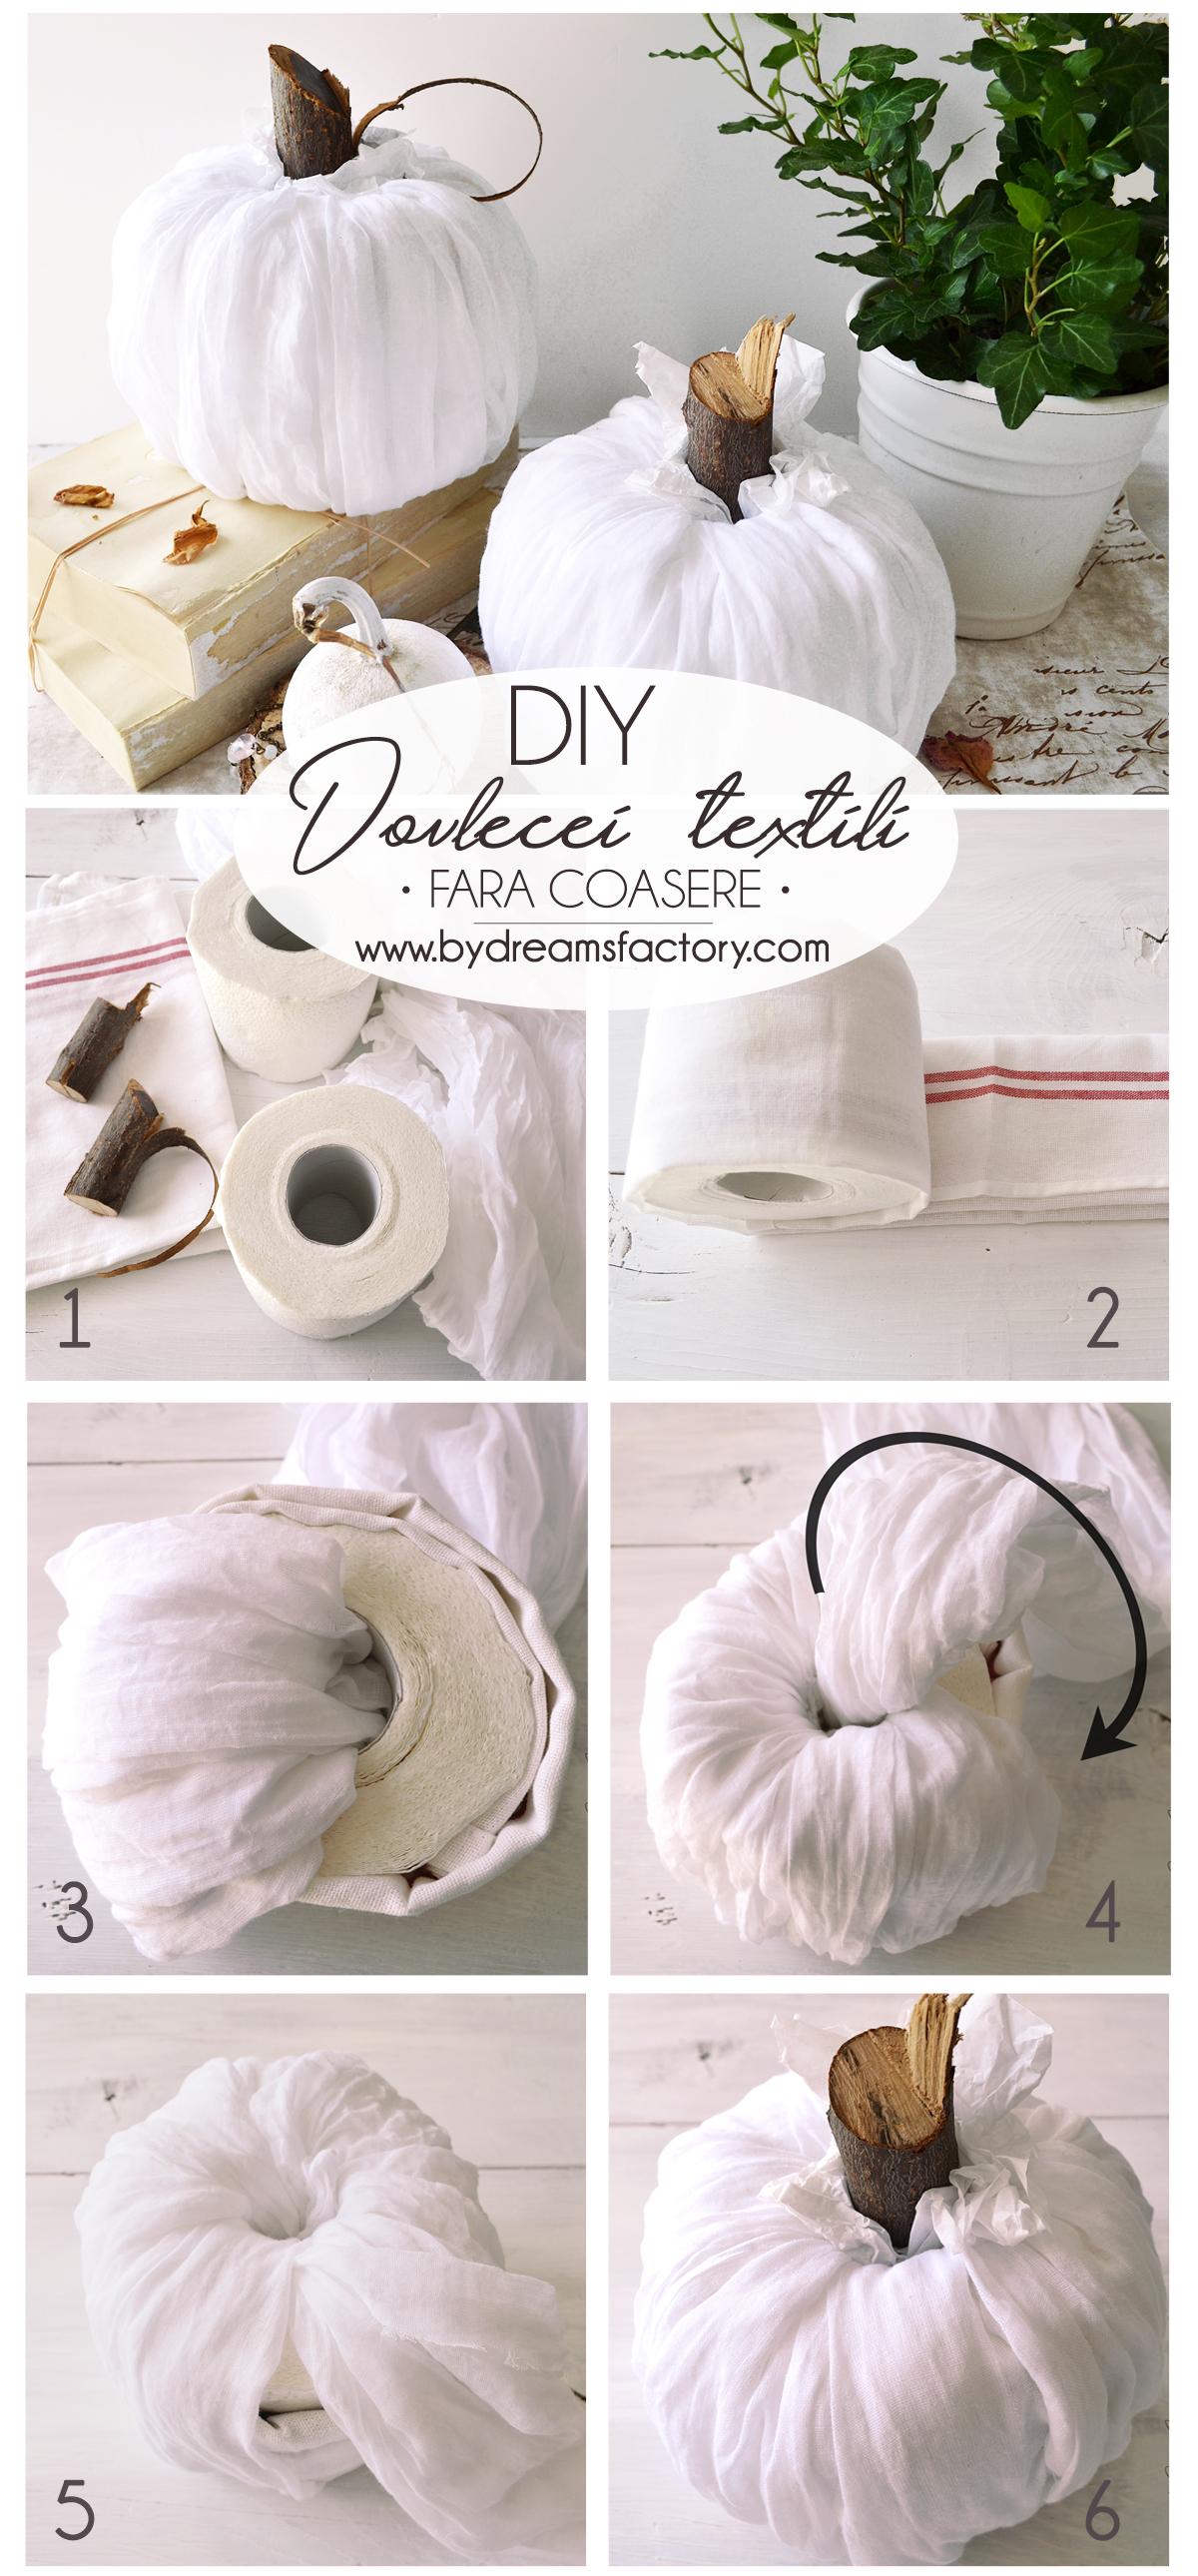 Cum facem dovlecei textili fara coasere, in doar 5 minute! Un proiect simplu dar minunat, perfect pentru a decora rapid casa de toamna.